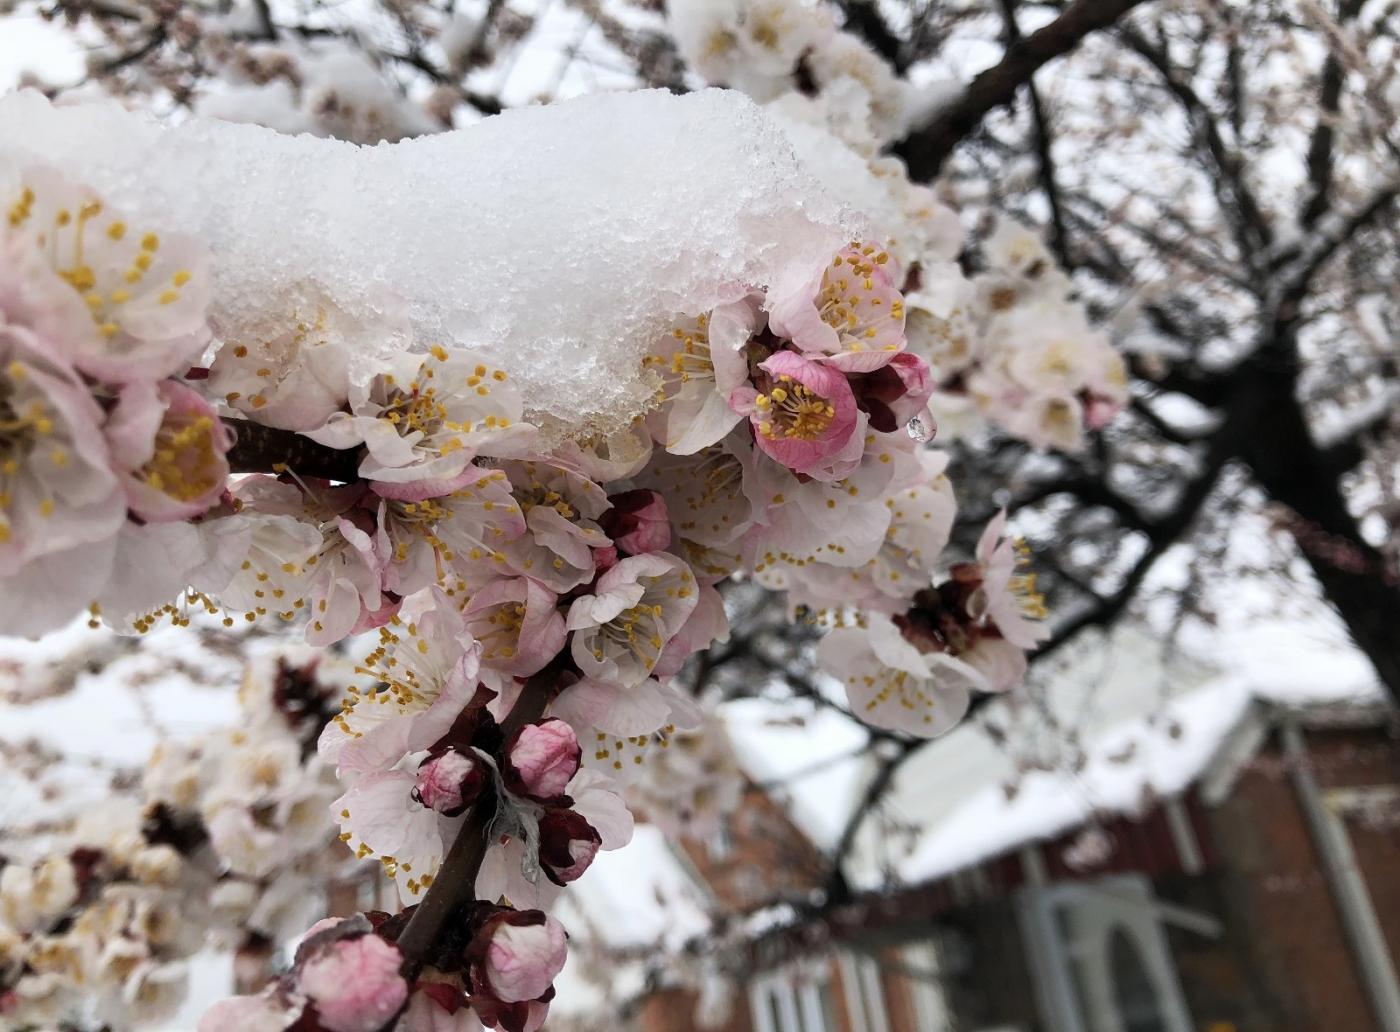 【田螺手机摄影】今早下雪去拍梅花_图1-10